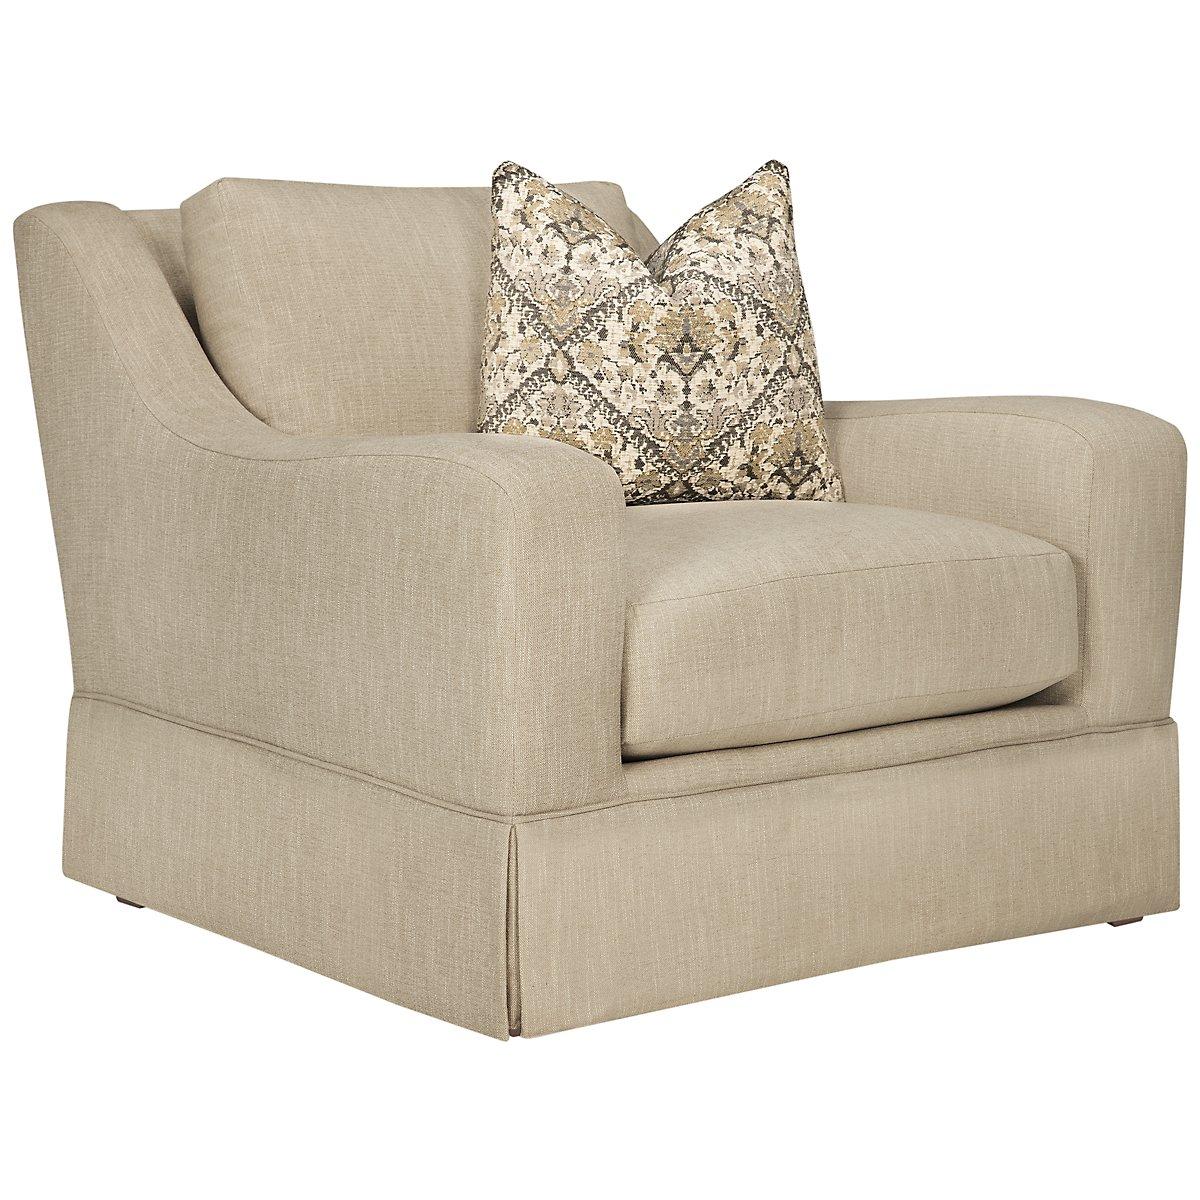 Hallie Beige Fabric Chair